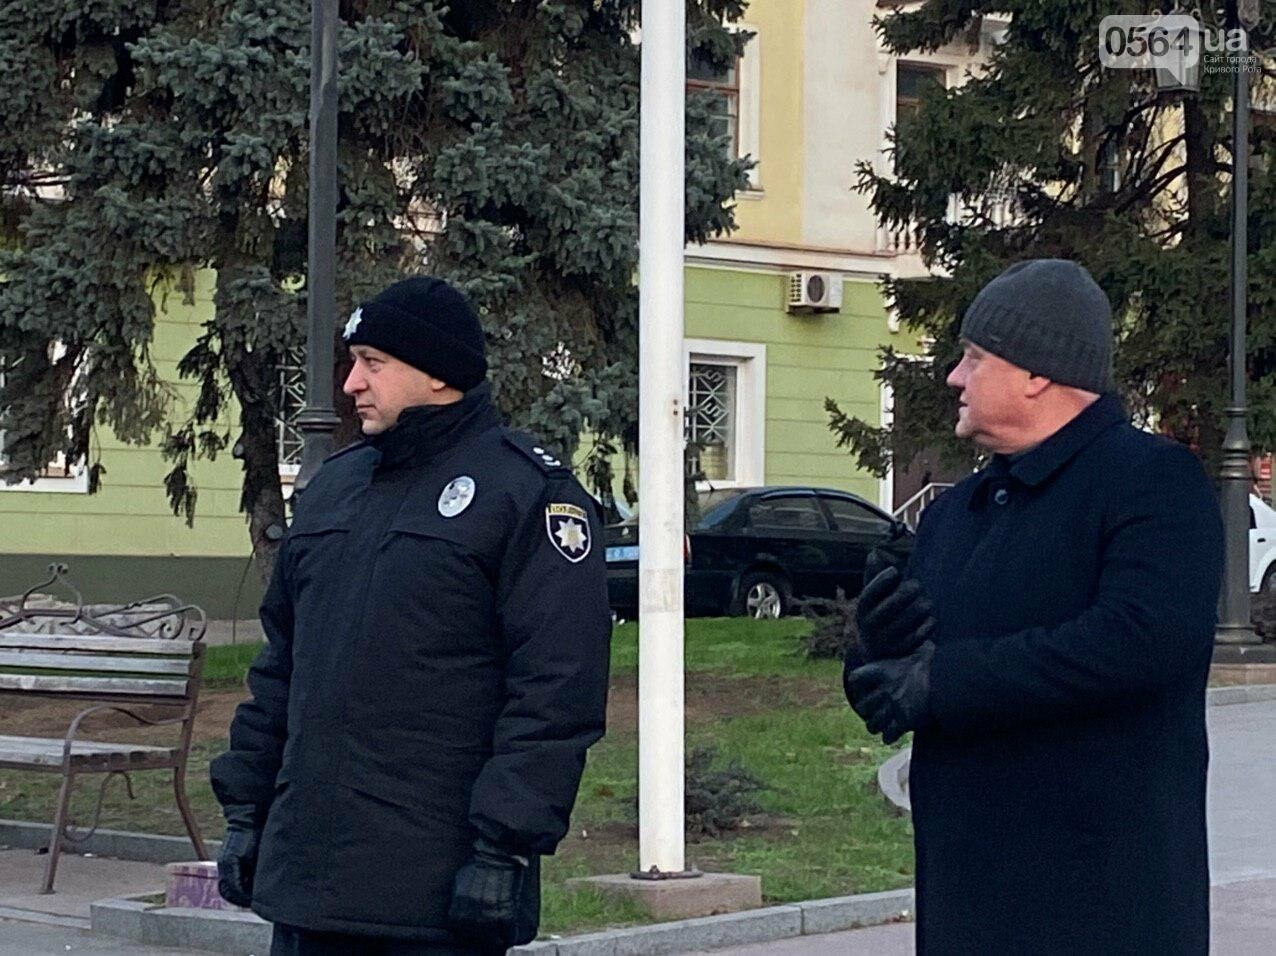 """""""Криворожане будут чувствовать себя в большей безопасности"""": в Центрально-Городском районе начались патрулирования, - ФОТО, ВИДЕО , фото-6"""